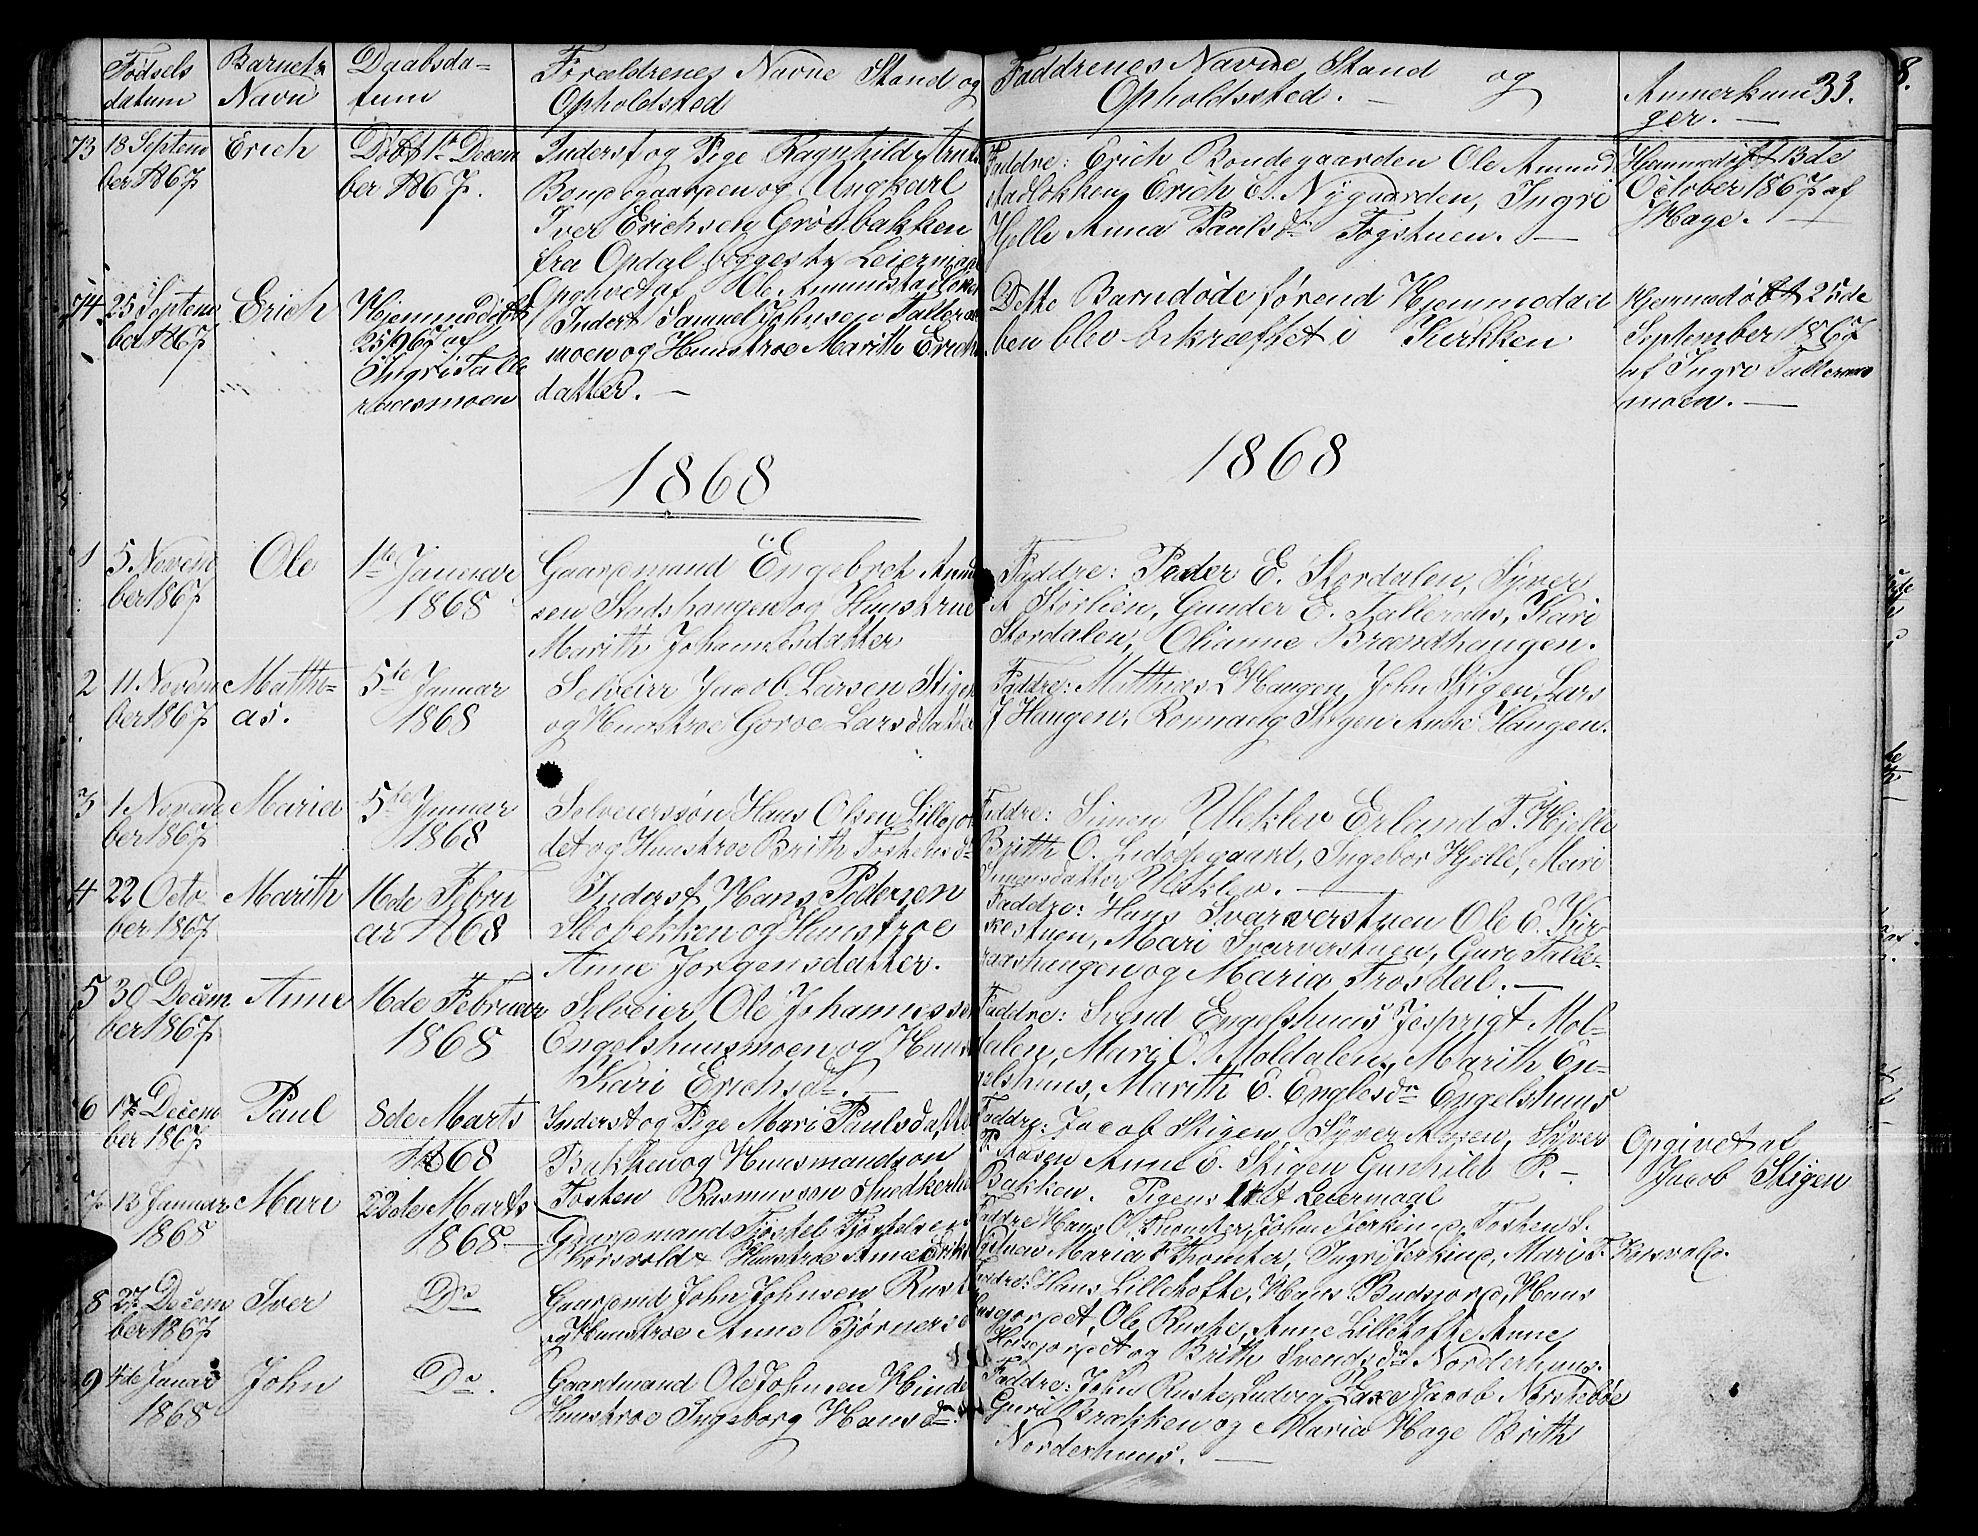 SAH, Dovre prestekontor, Klokkerbok nr. 1, 1862-1880, s. 33